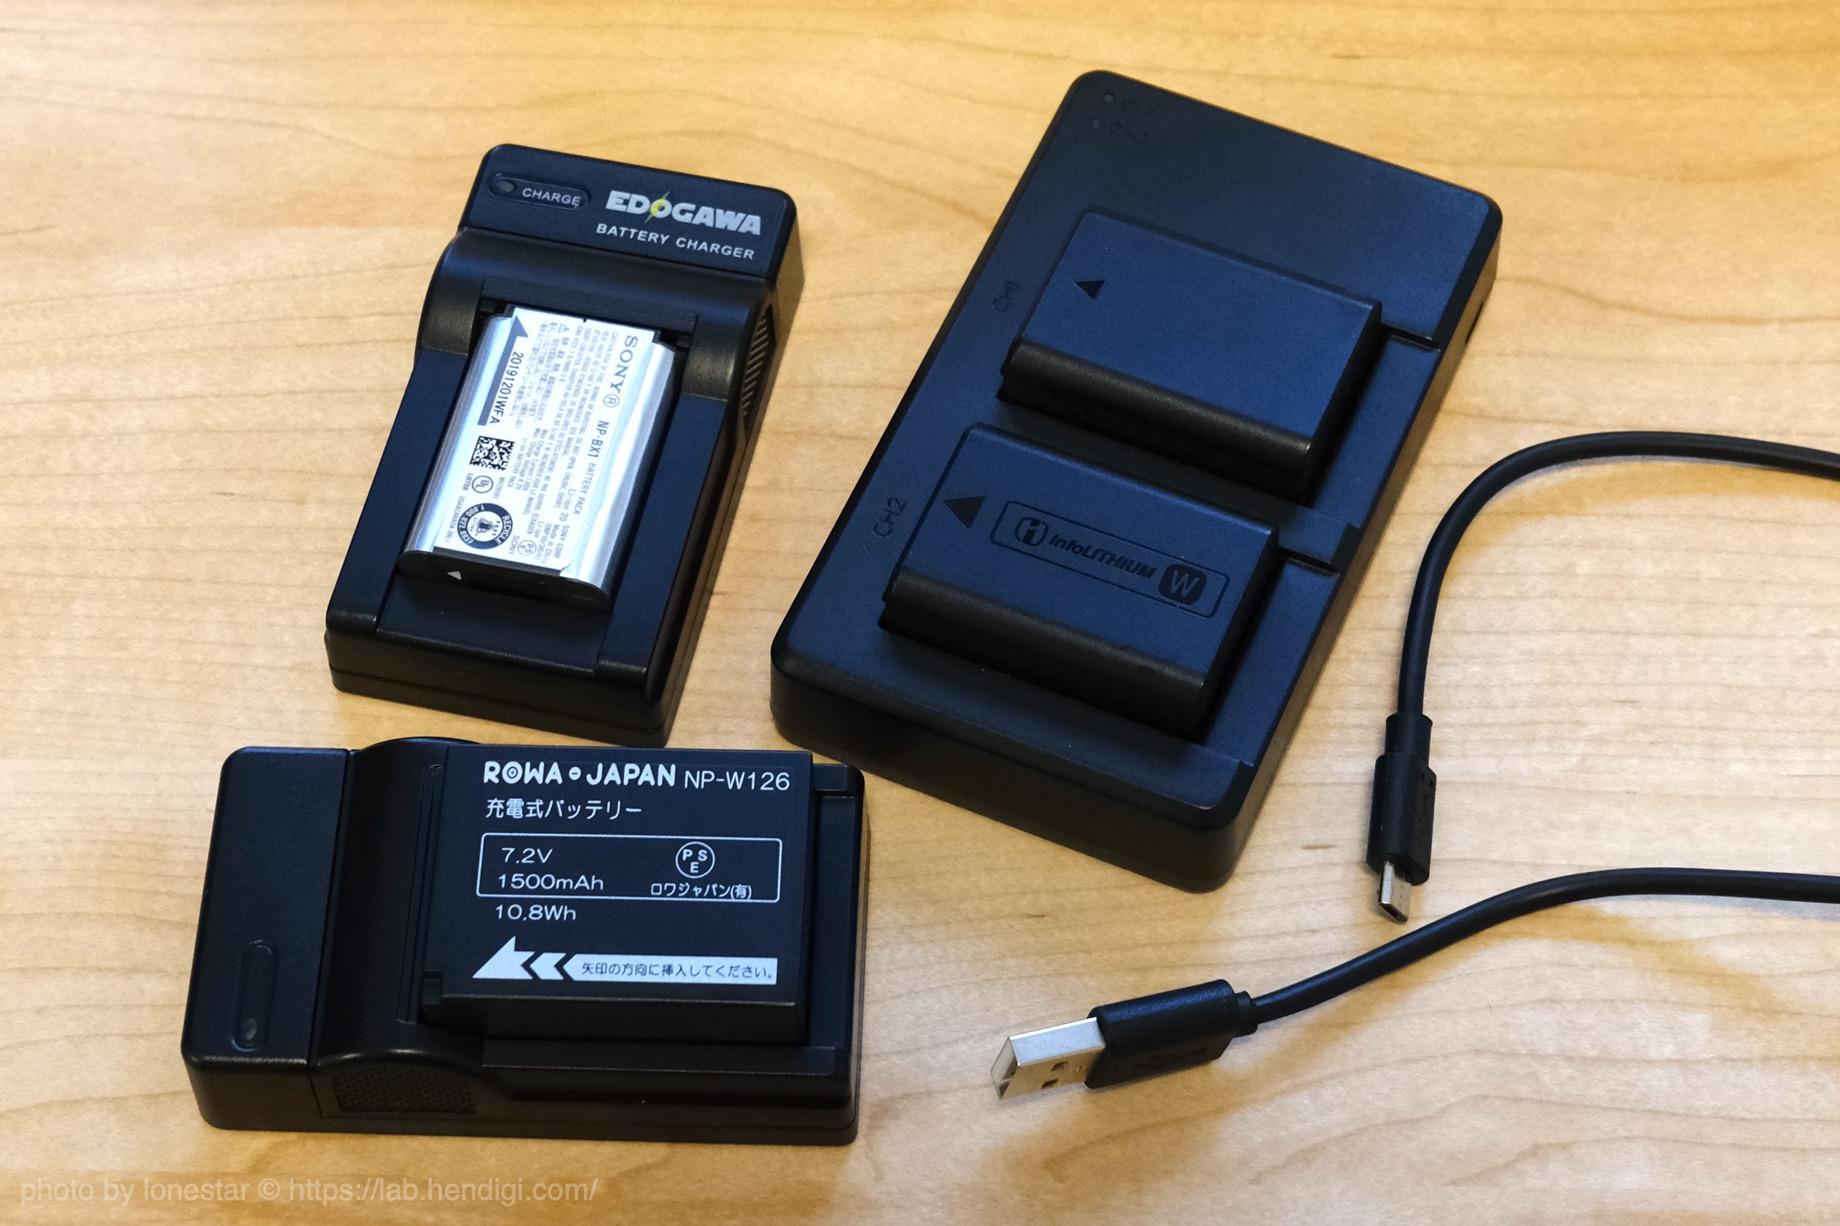 デジカメバッテリー充電器 ケーブル